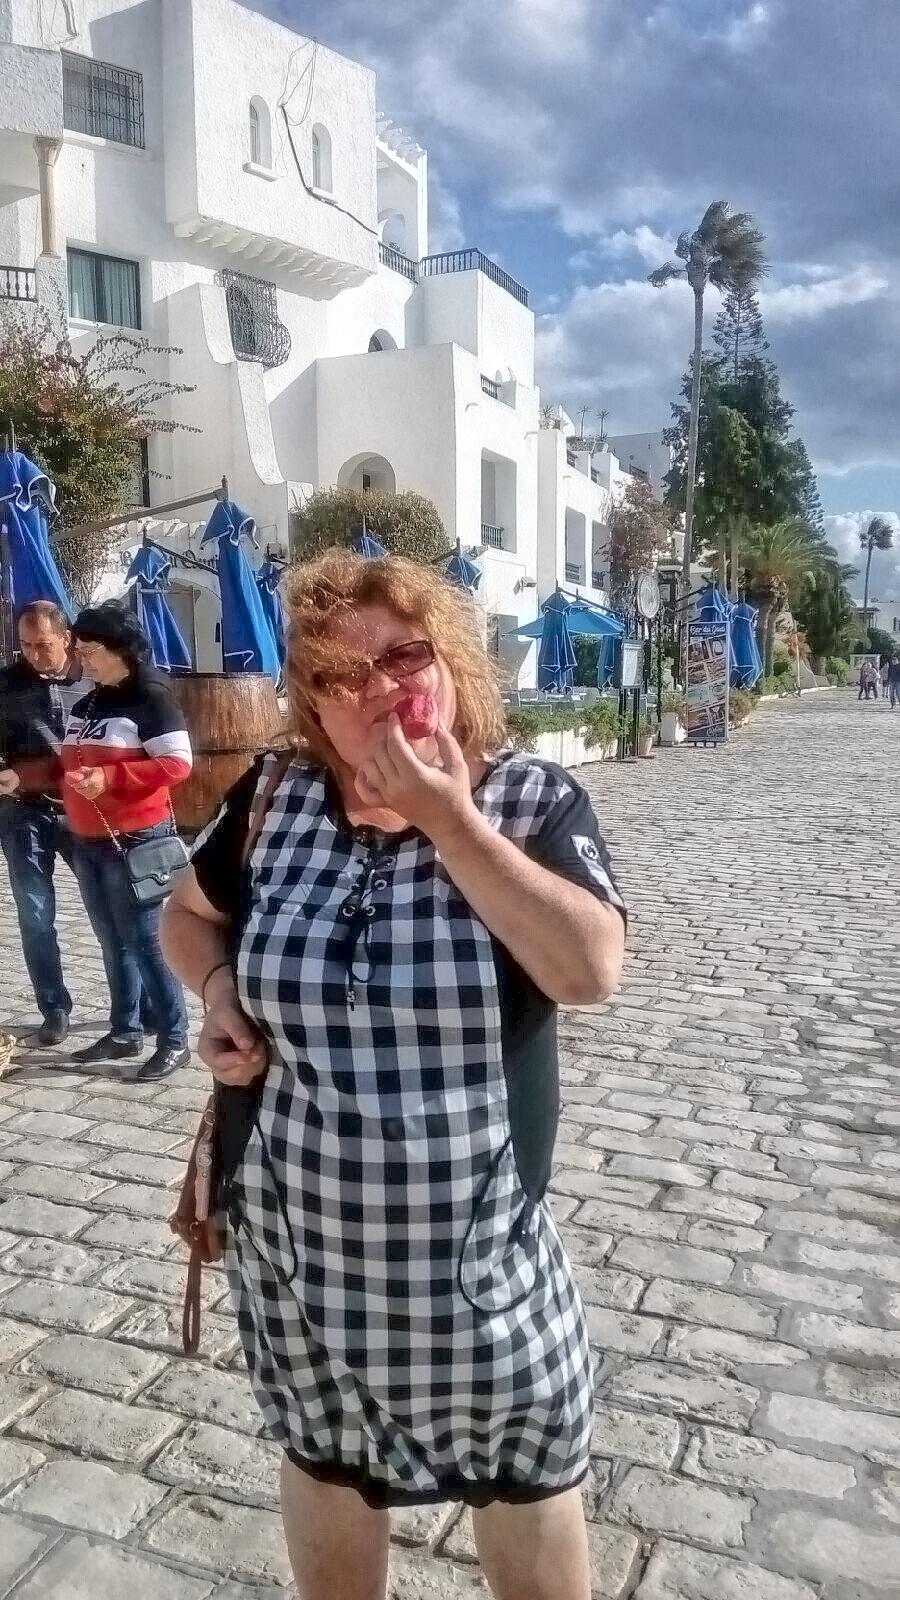 Телефонофото со мной сделано моей спутницей Мариной Пепоевой